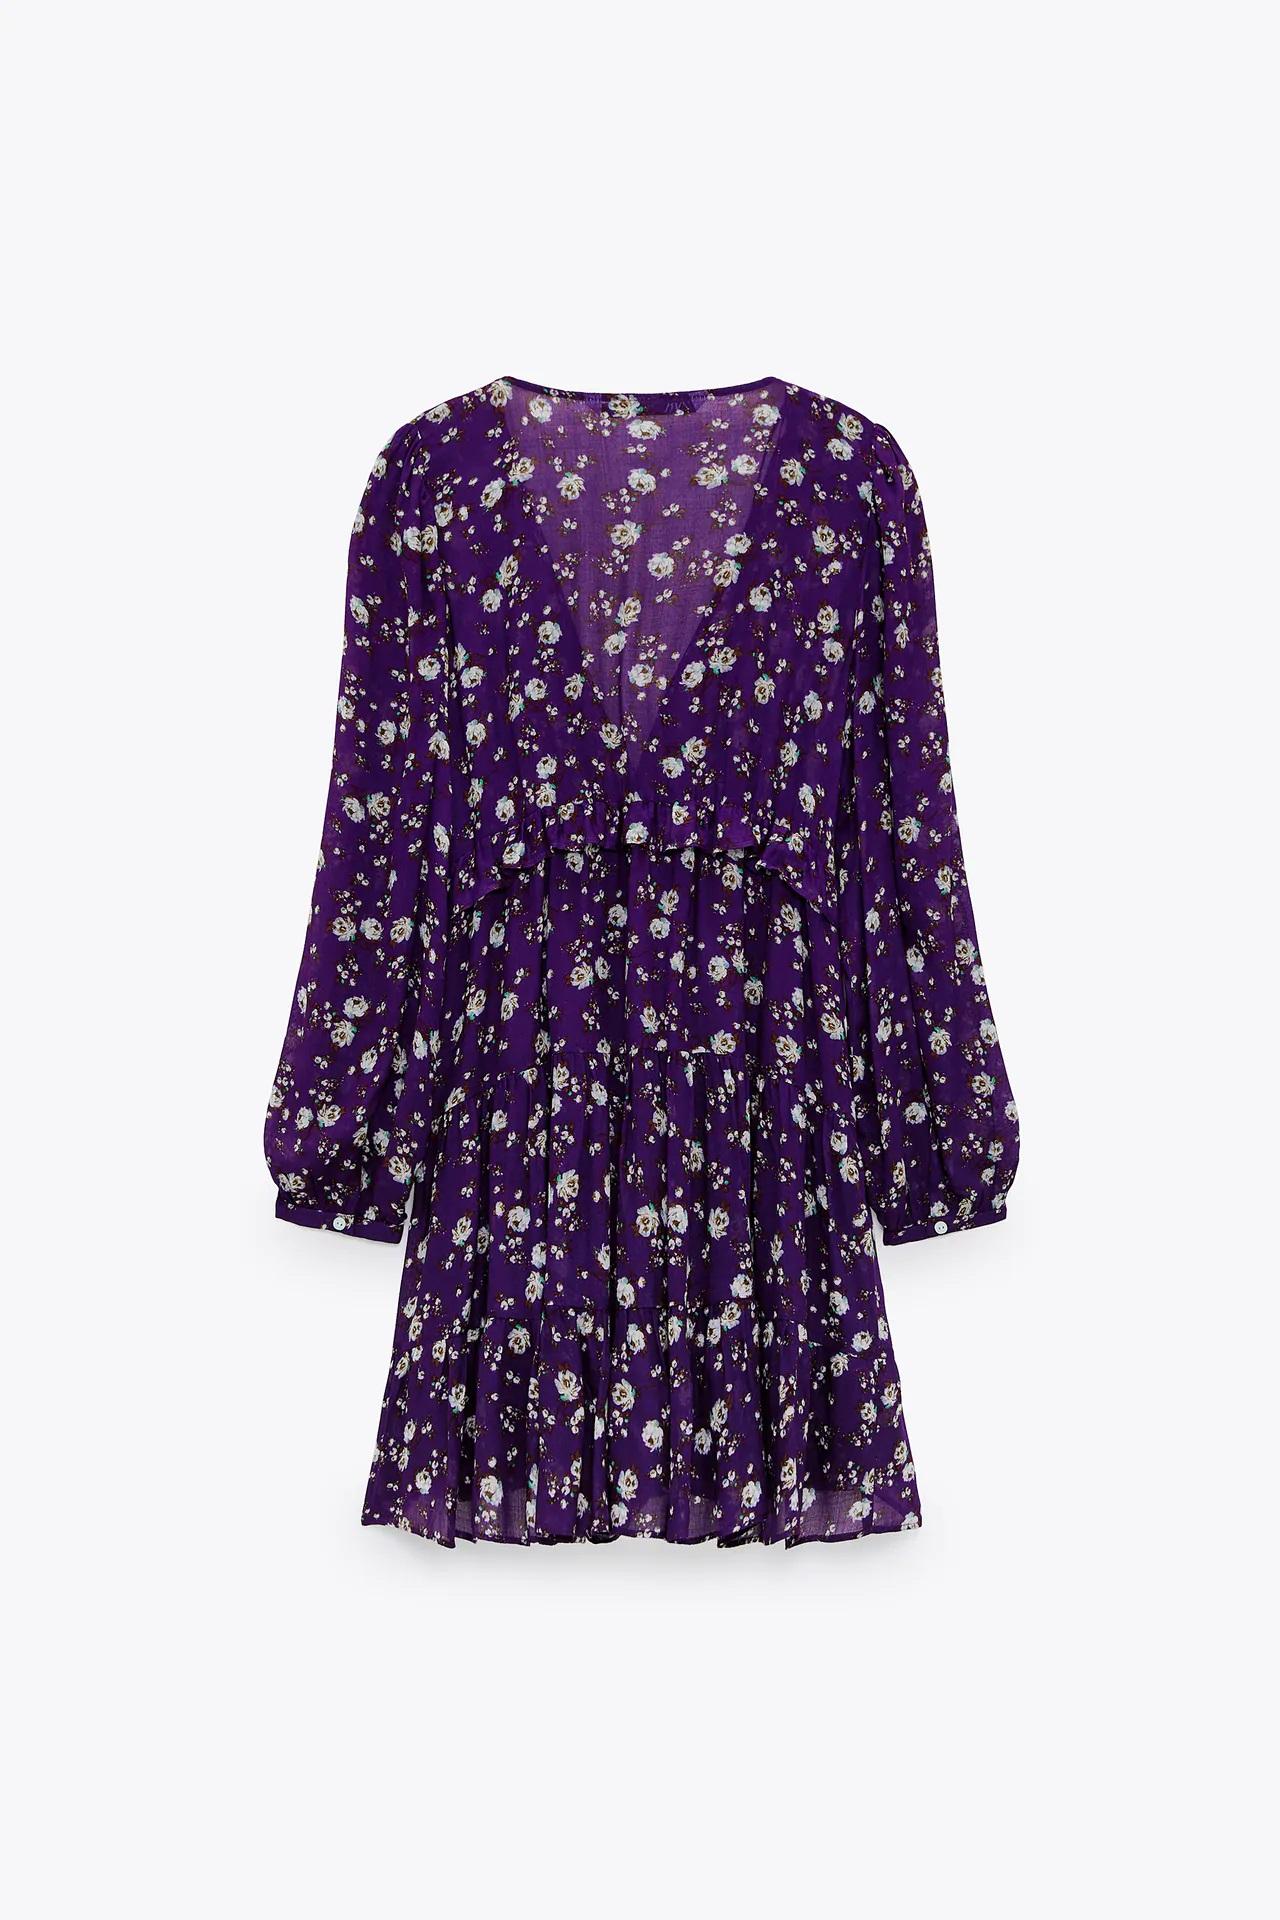 Últimas rebajas de Zara: 5 looks con los que marcar estilo esta primavera